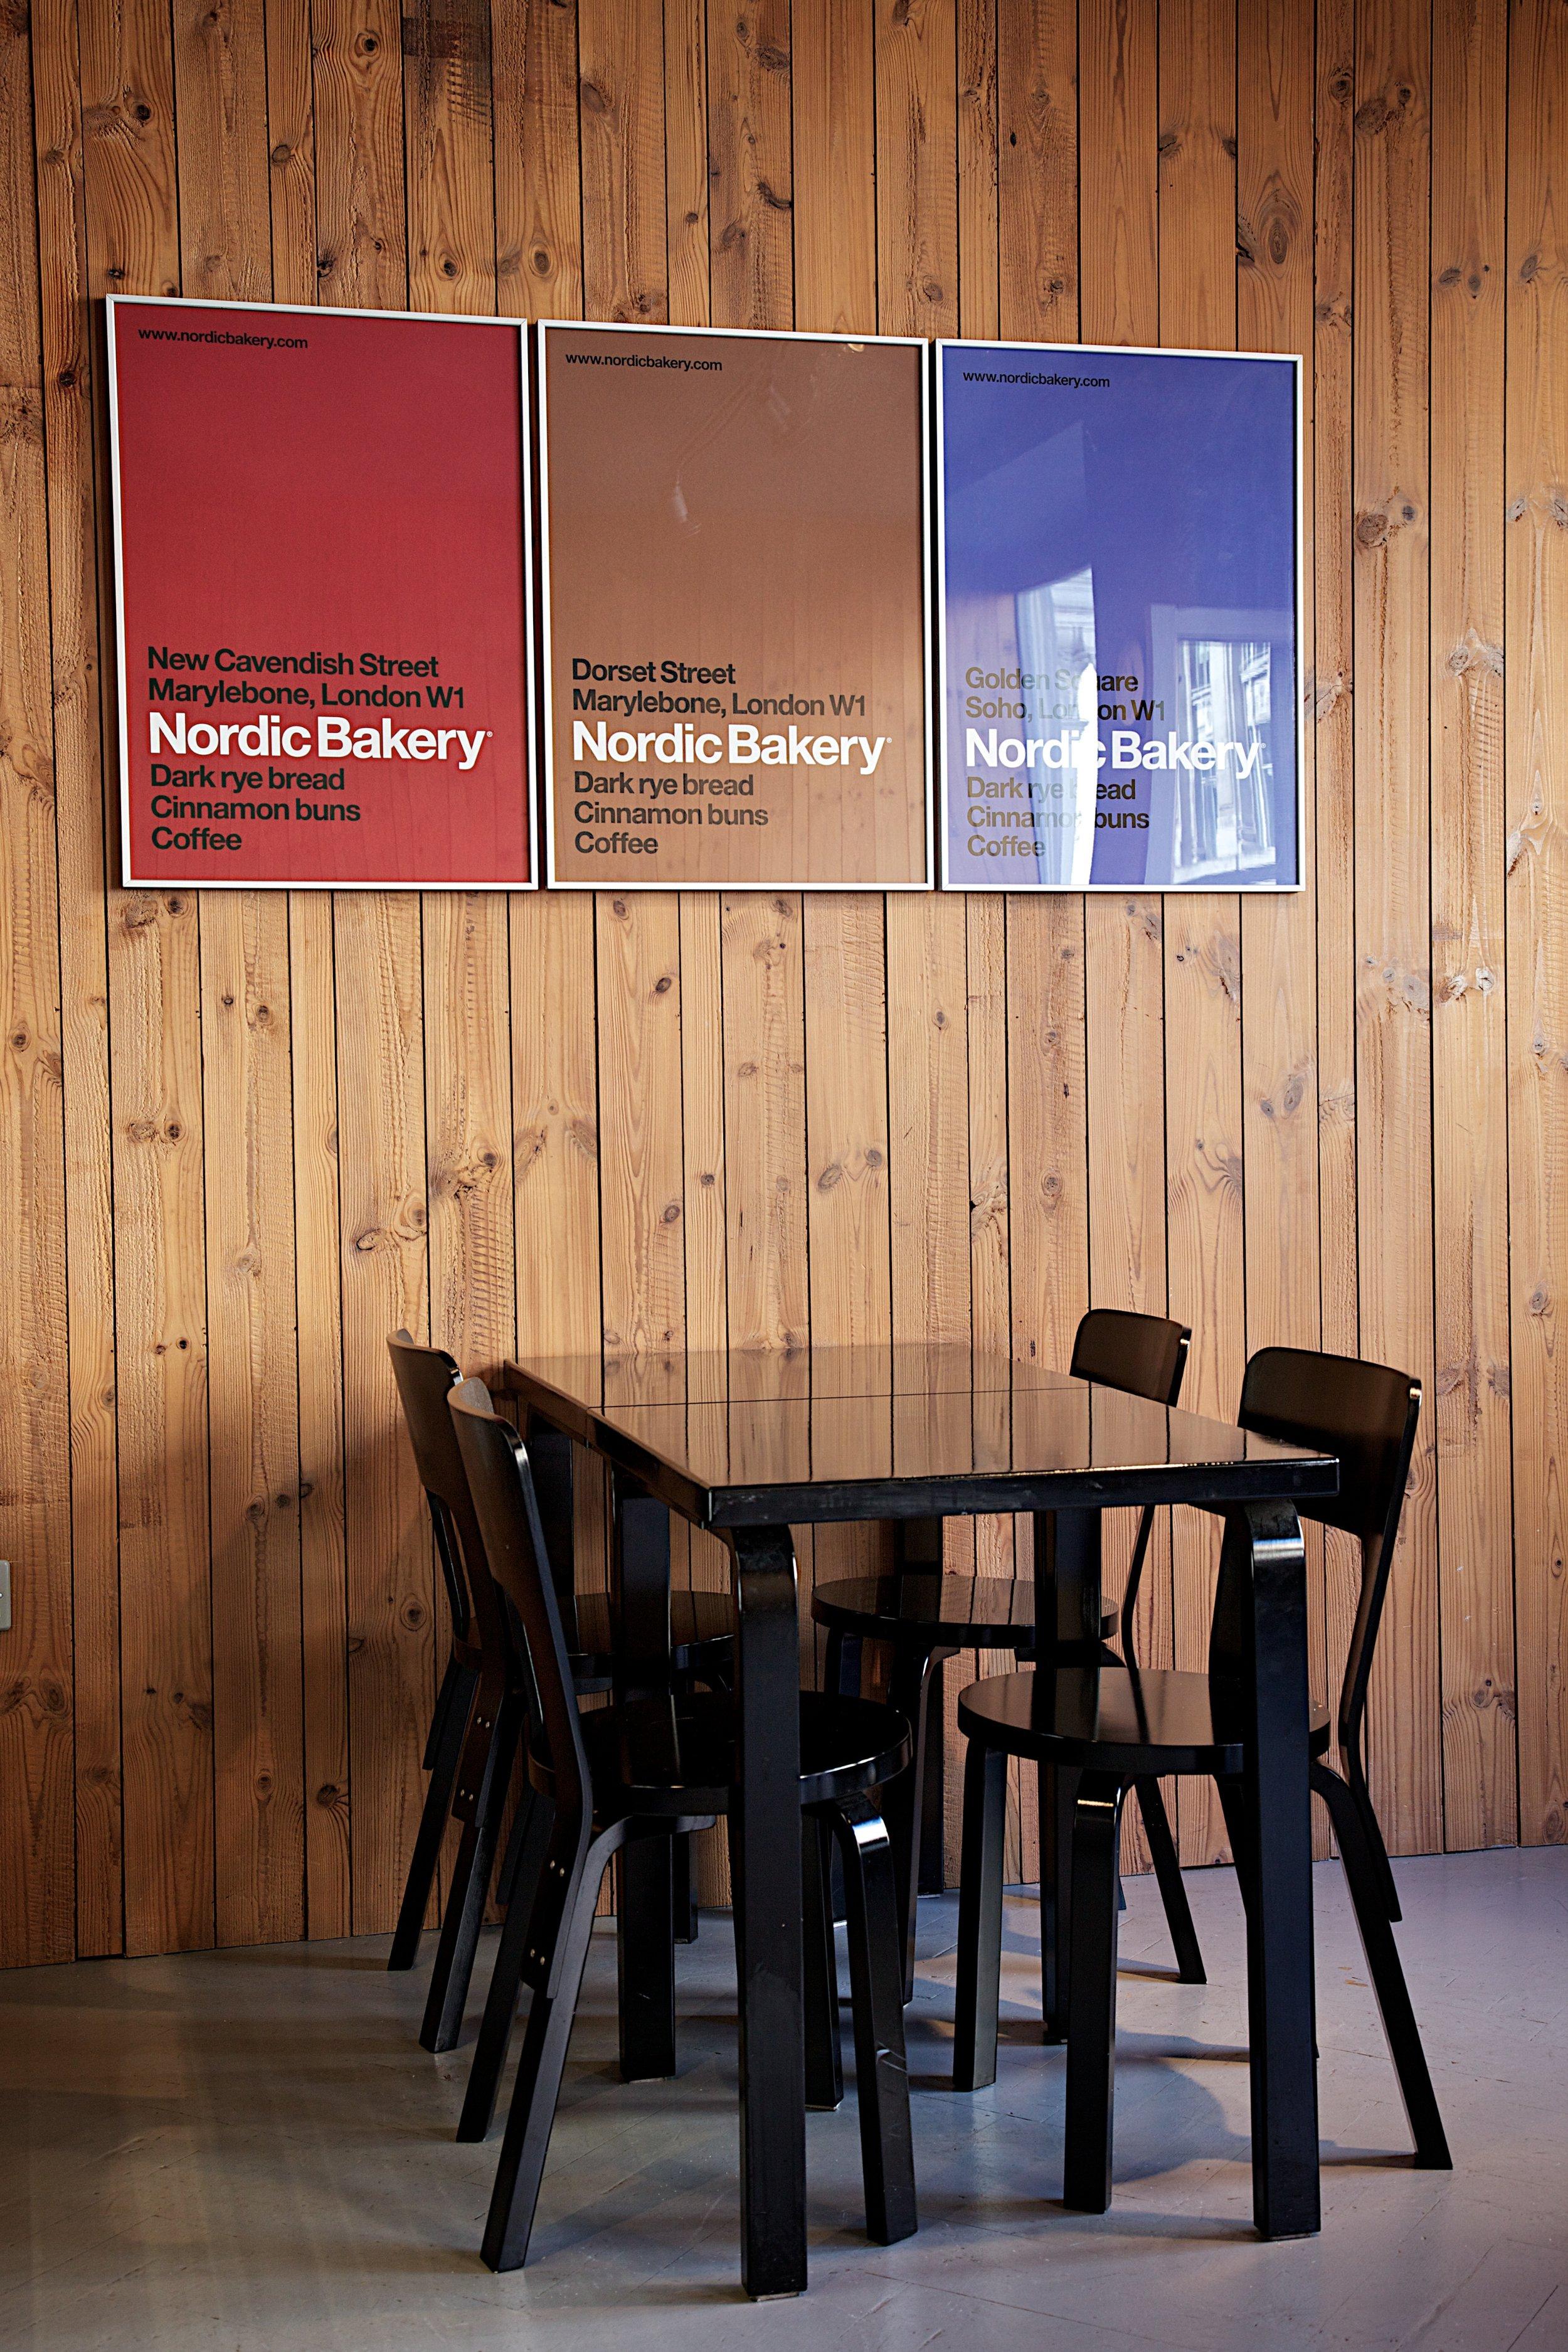 Dorset Street_Nordic Bakery (2).jpg